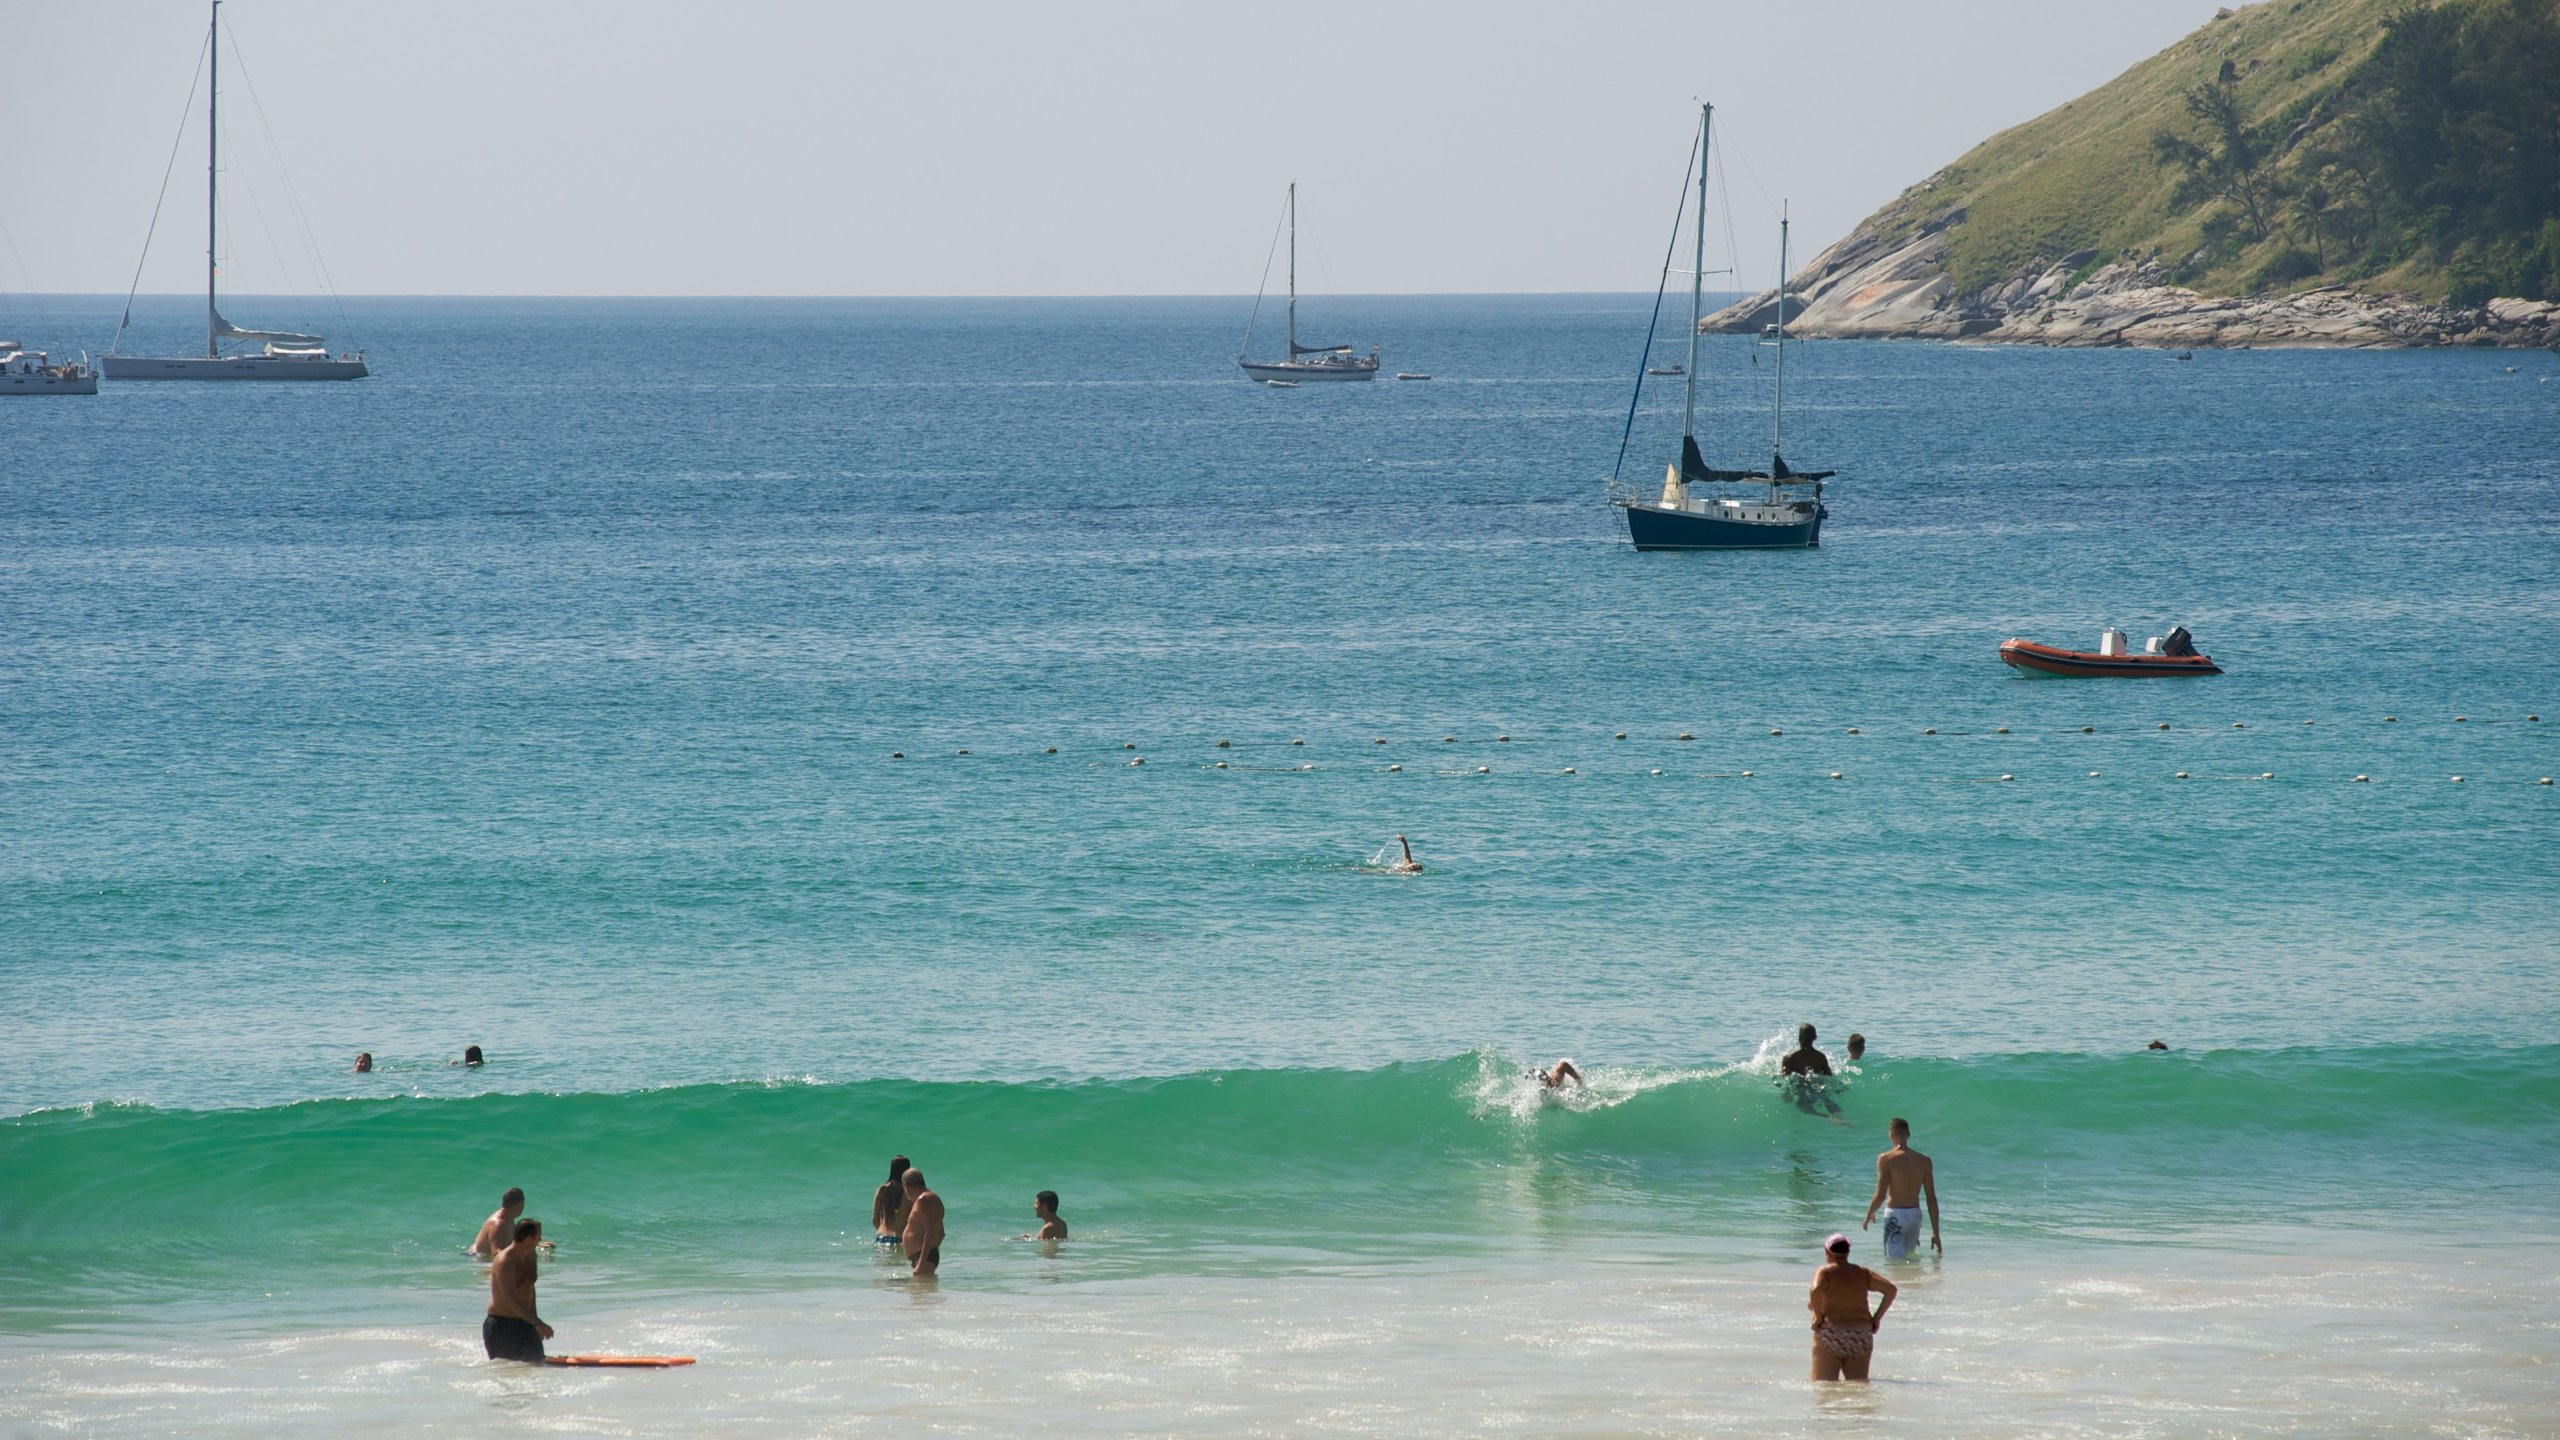 ด้วยหาดทรายที่ยังคงสวยงามและบรรยากาศเงียบสงบ หาดในหานจึงเป็นหาดในดวงใจของทั้งนักท่องเที่ยวและชาวภูเก็ตที่ชื่นชอบการพักผ่อนแบบไม่พลุกพล่าน